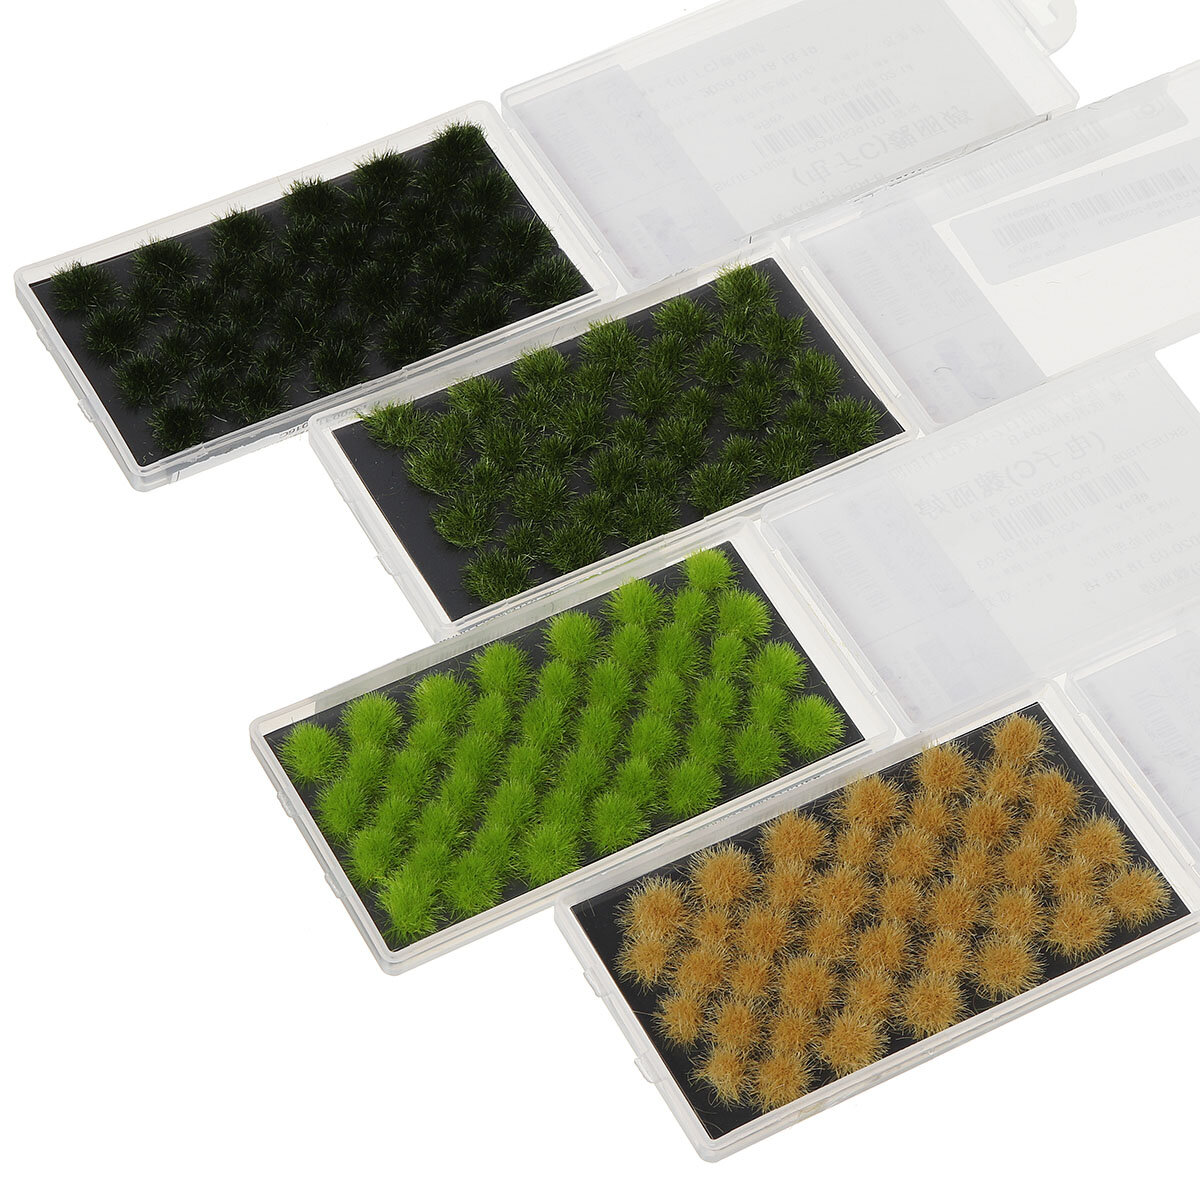 Decorazioni per tappeti accessori fai da te sintetici artificiali in polvere modello erba sintetica